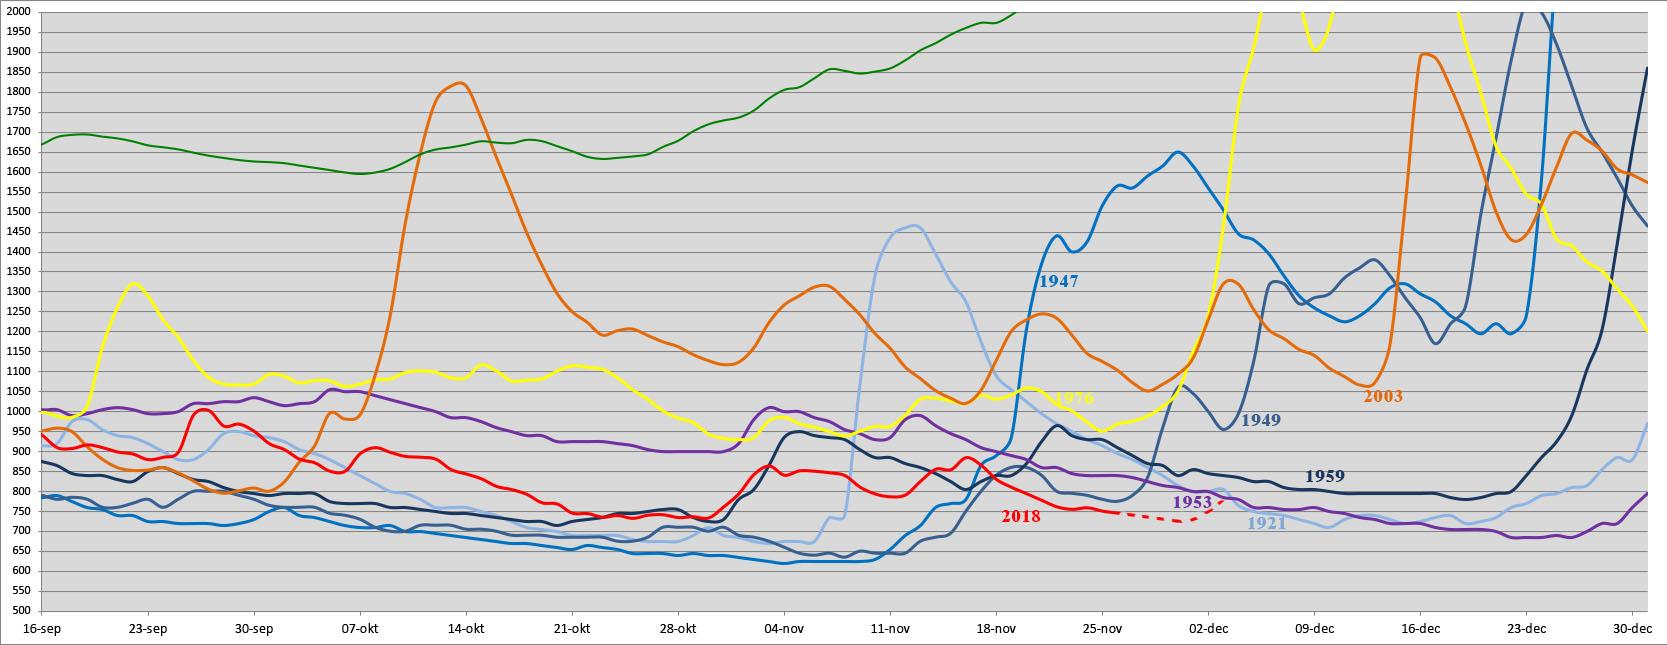 Verloop van de jaren met de laagste afvoeren sinds 1900